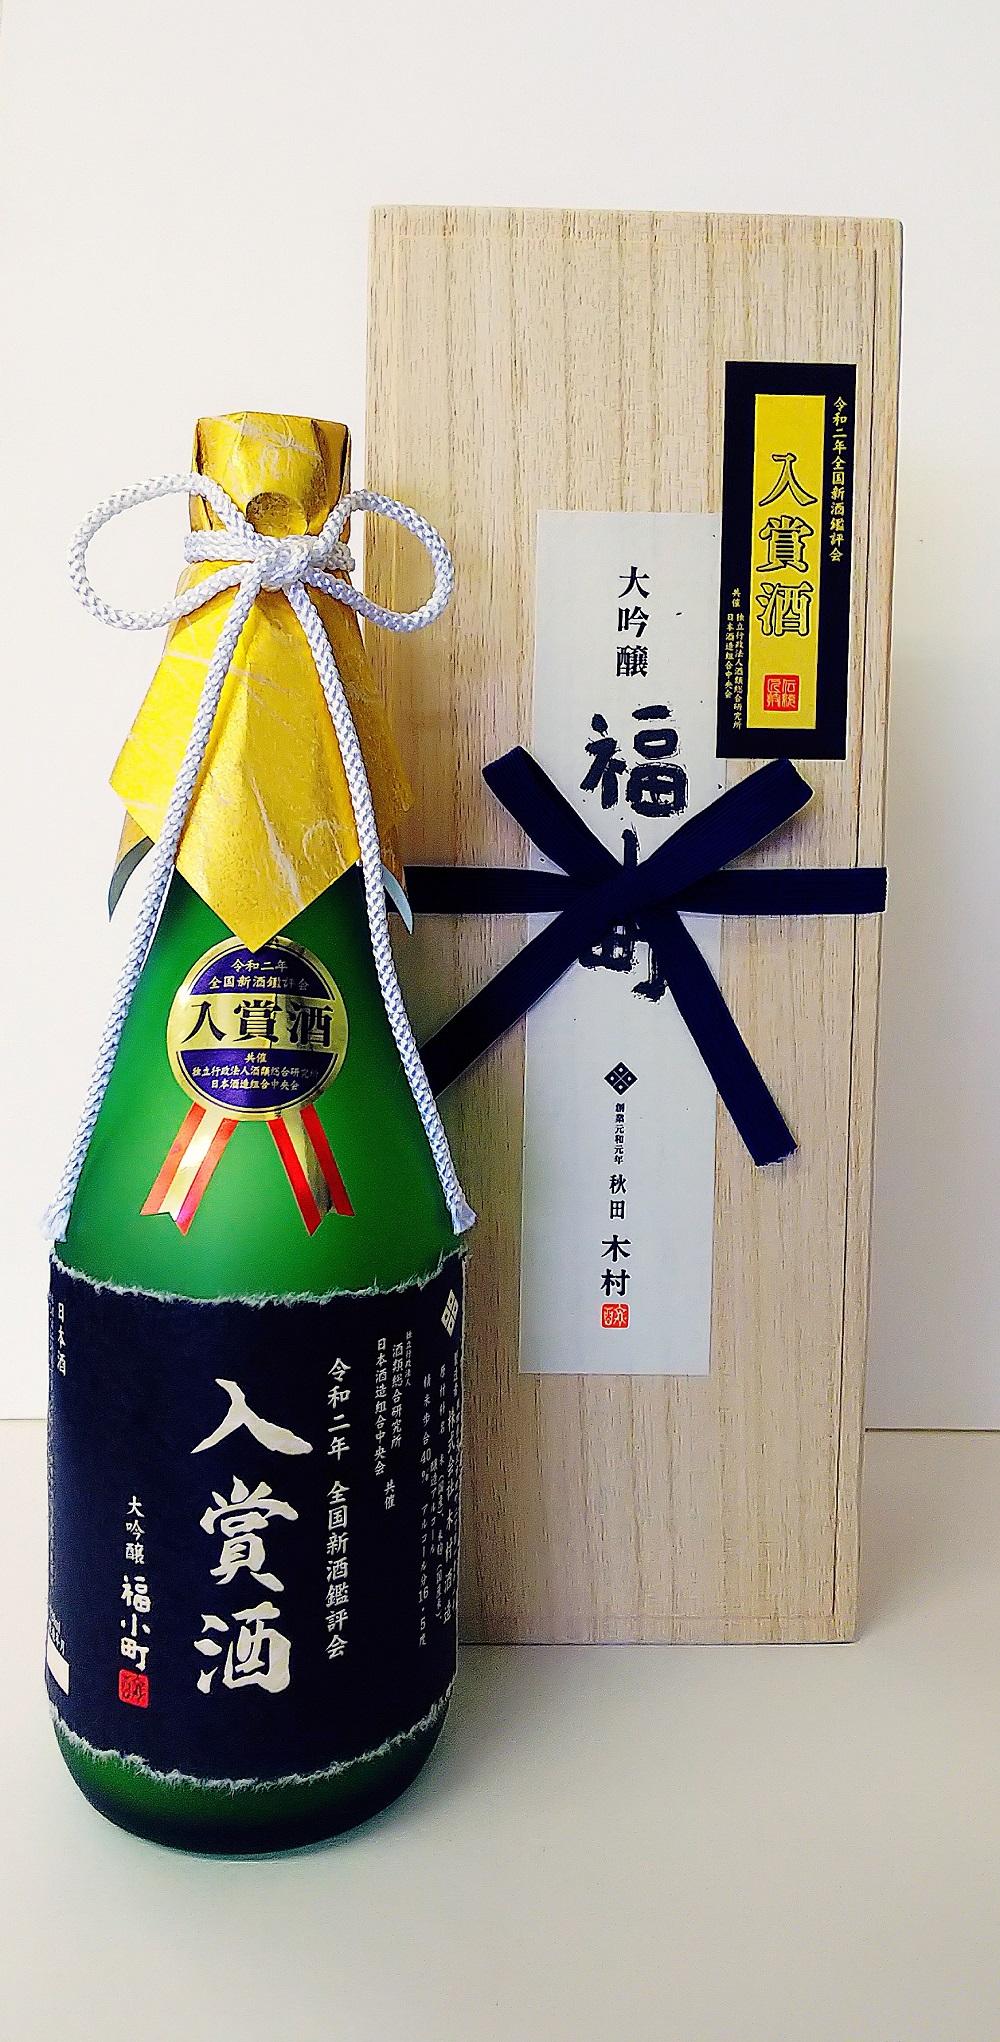 【数量限定!】大吟醸福小町 入賞酒 (720ml)